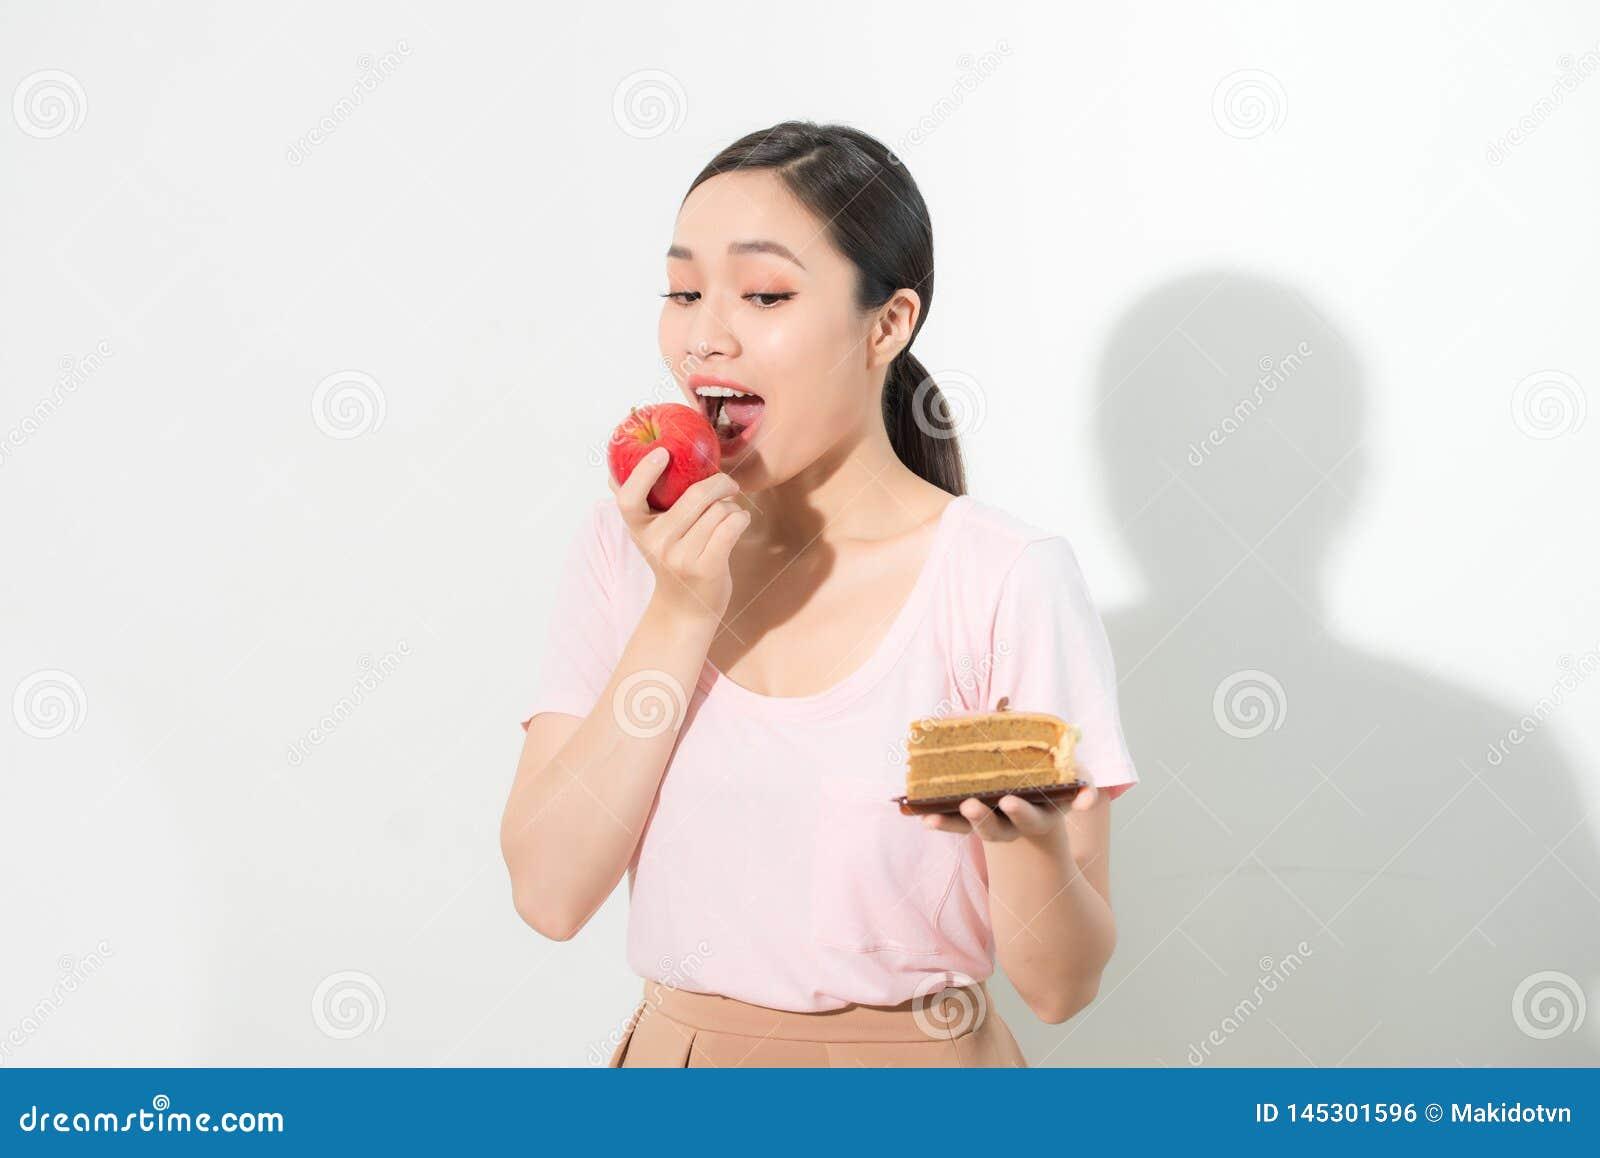 Владения женщины в руке испекут помадку и выбирать плодоовощ яблока, пробуя сопротивляться заманчивости, делает правый диетически